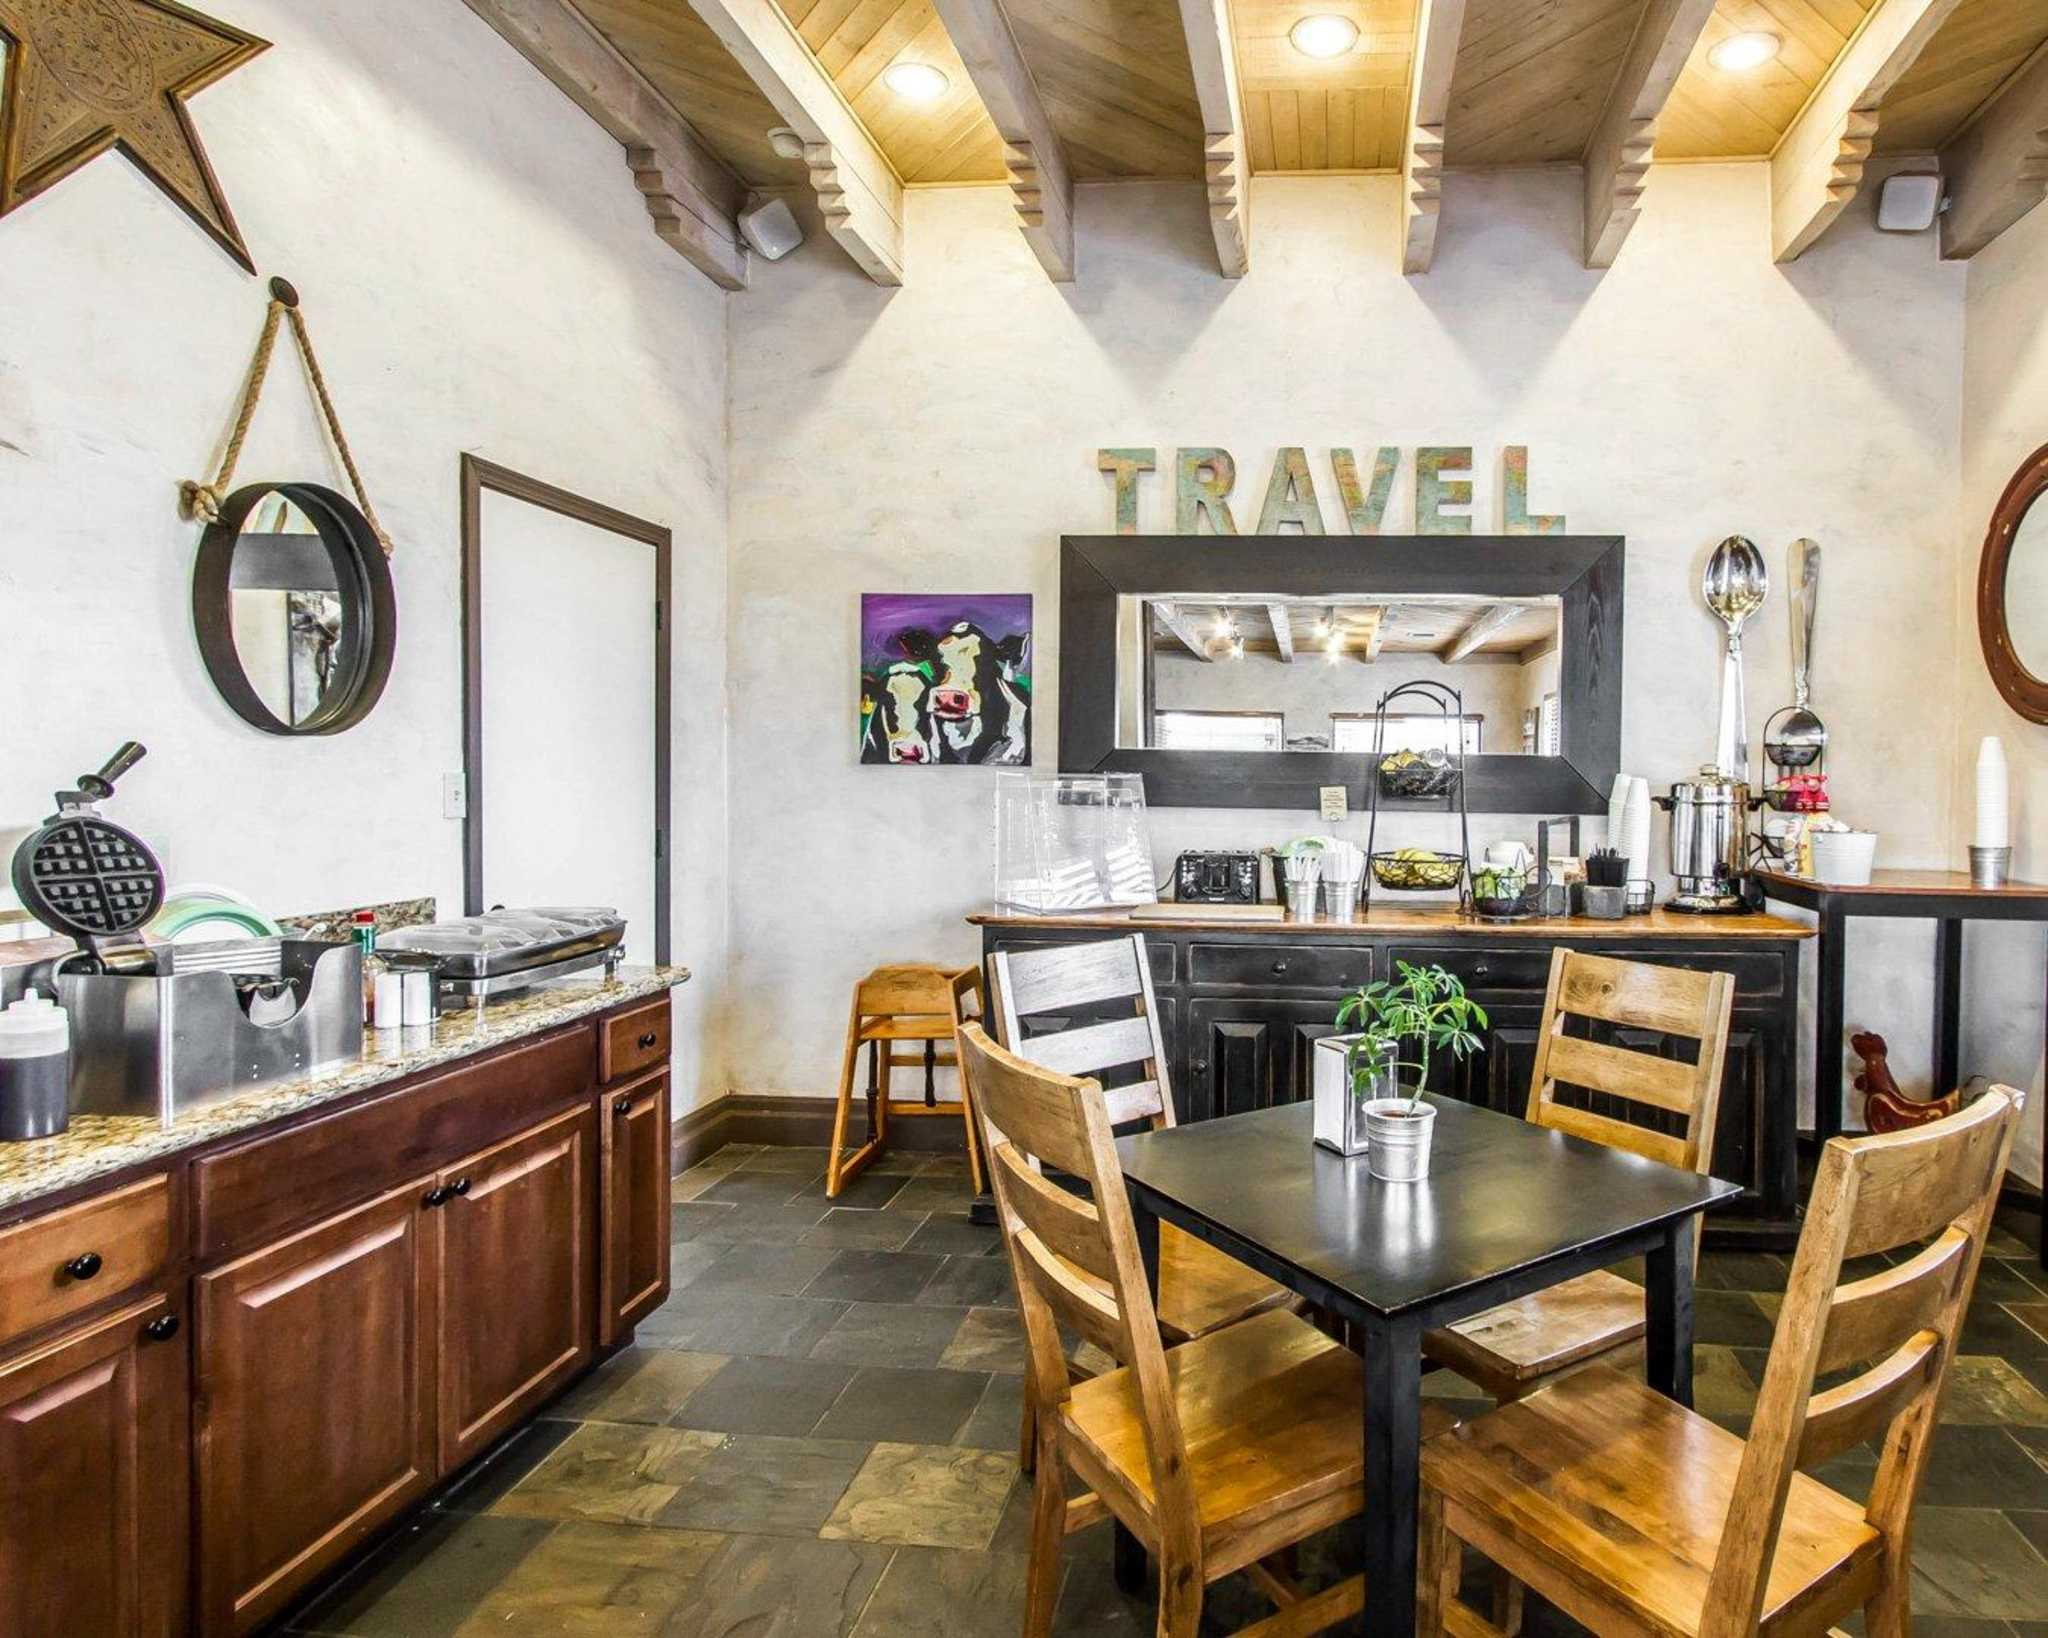 Rodeway Inn & Suites Downtowner-Rte 66 image 19